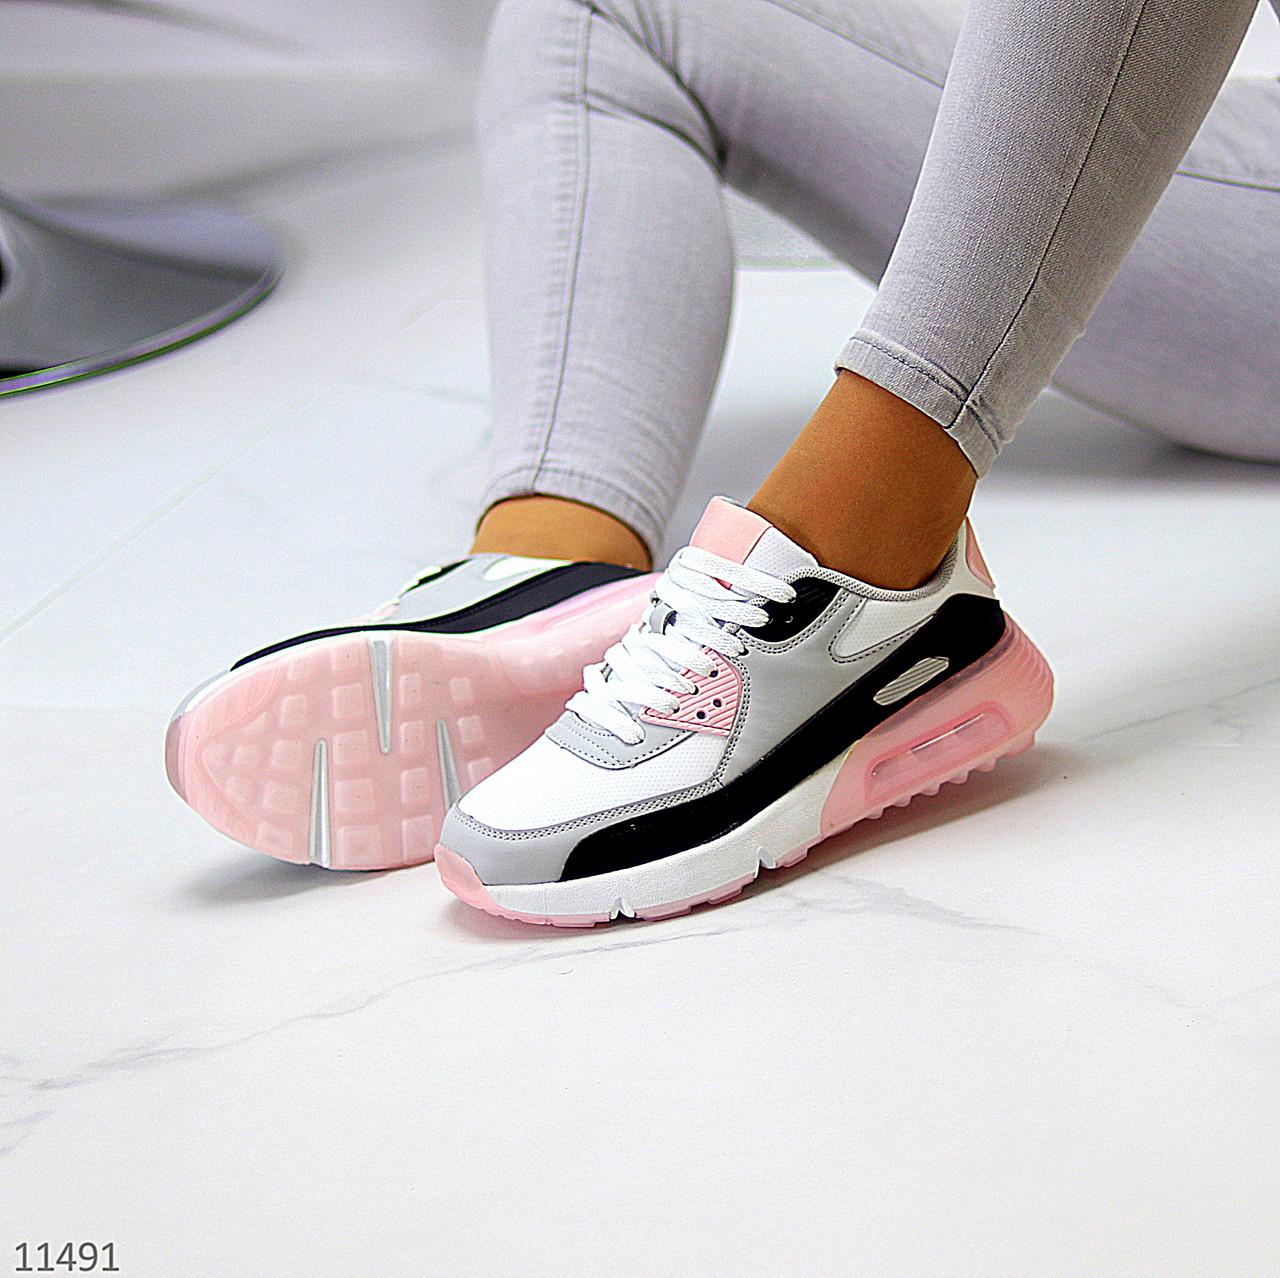 Жіночі кросівки білі з сірими/ рожевим/ чорним еко-шкіра+ гума